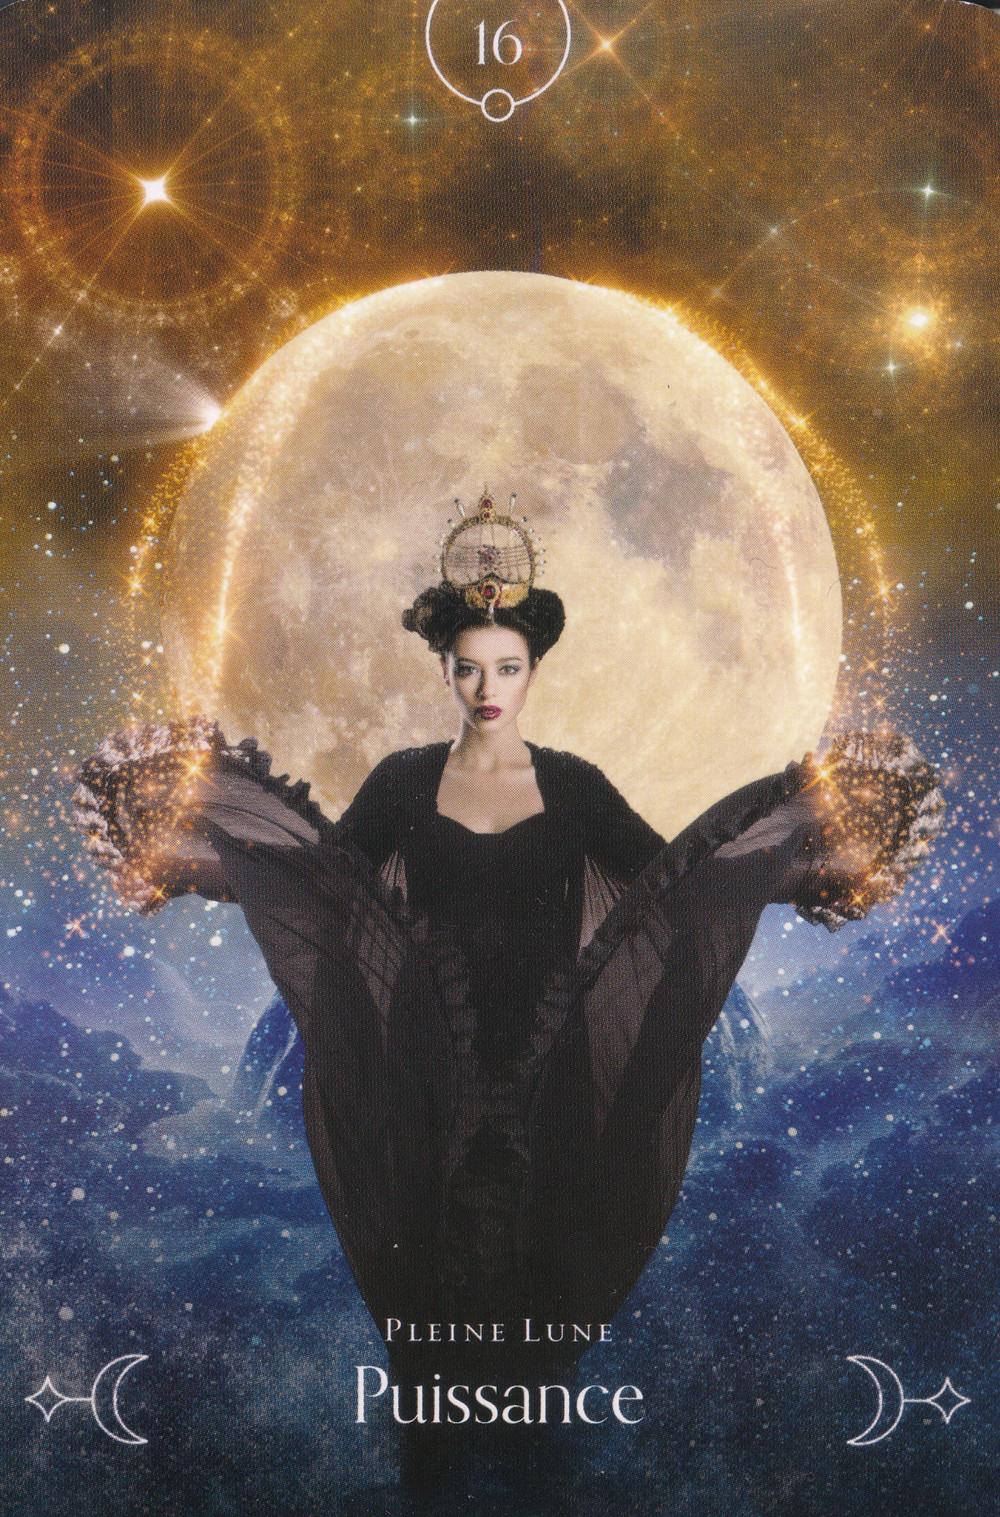 Carte de L'Oracle de la Lune de Stacey Demarco - 16 - Pleine Lune - Puissance - Energies du 5-6-7 juin 2020 : Pleine Lune-Eclipse et Portail du 6-6 : L'indomptable Puissance !